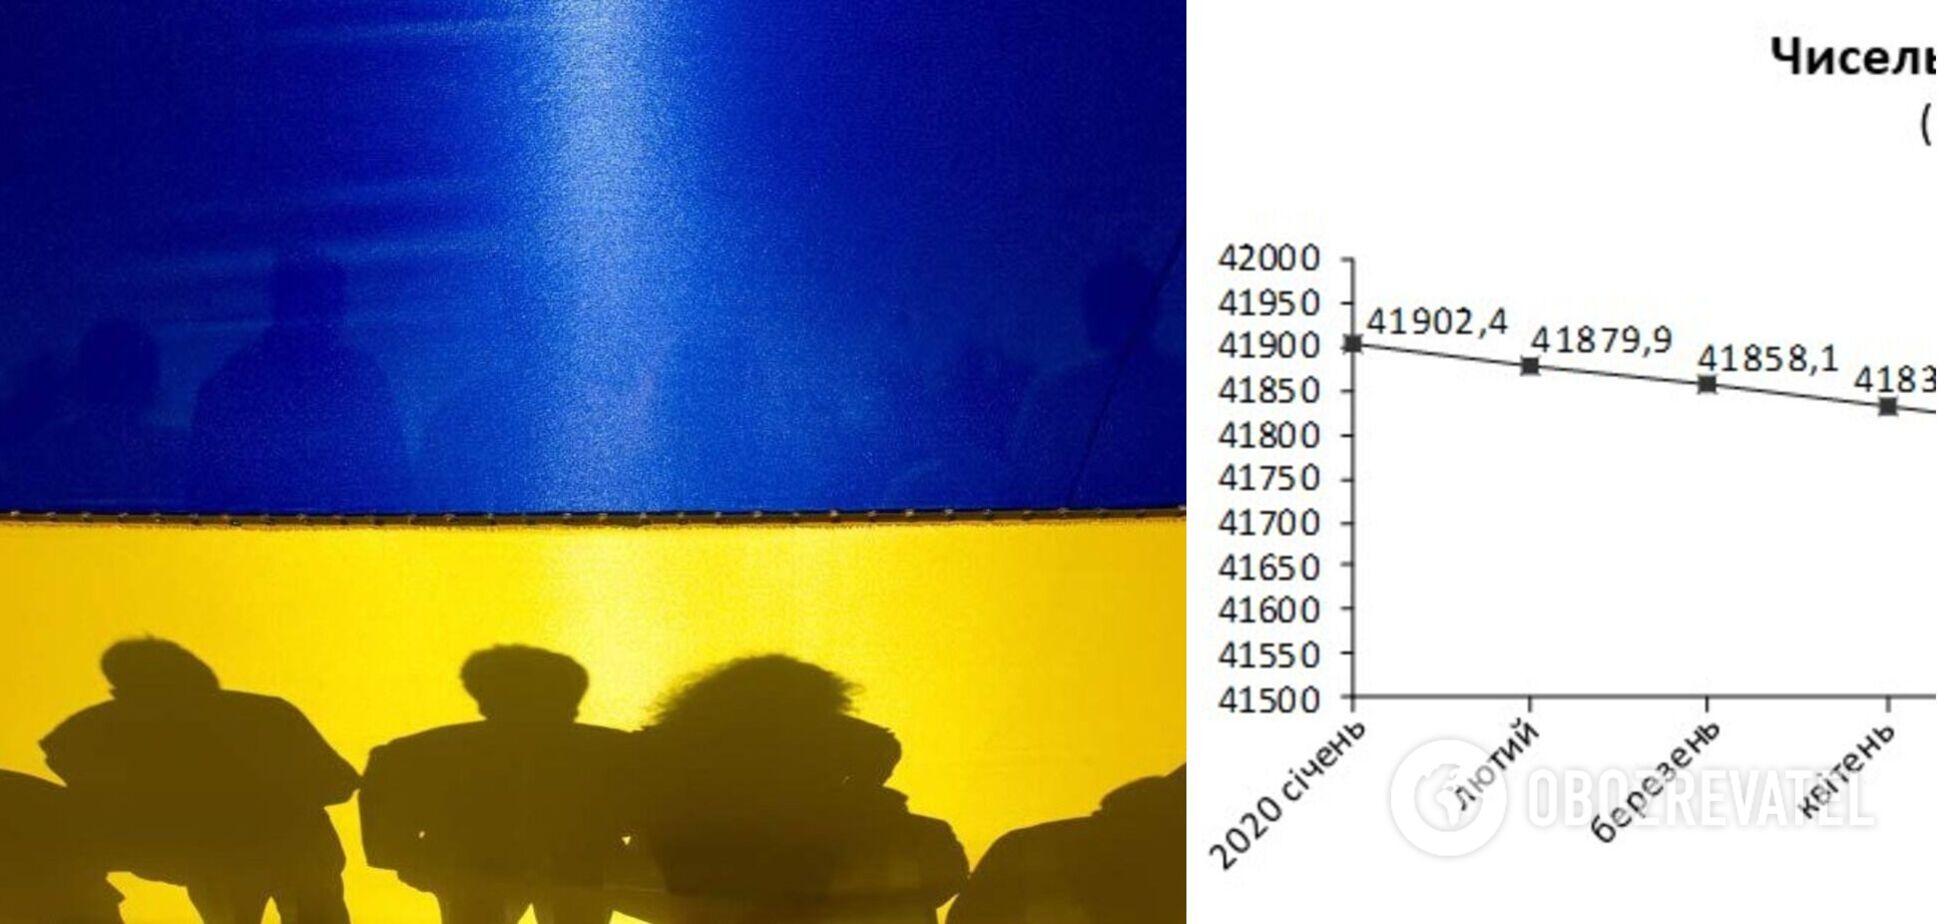 Госстат уточнил, на сколько выросла смертность и уменьшилось население в Украине за год пандемии